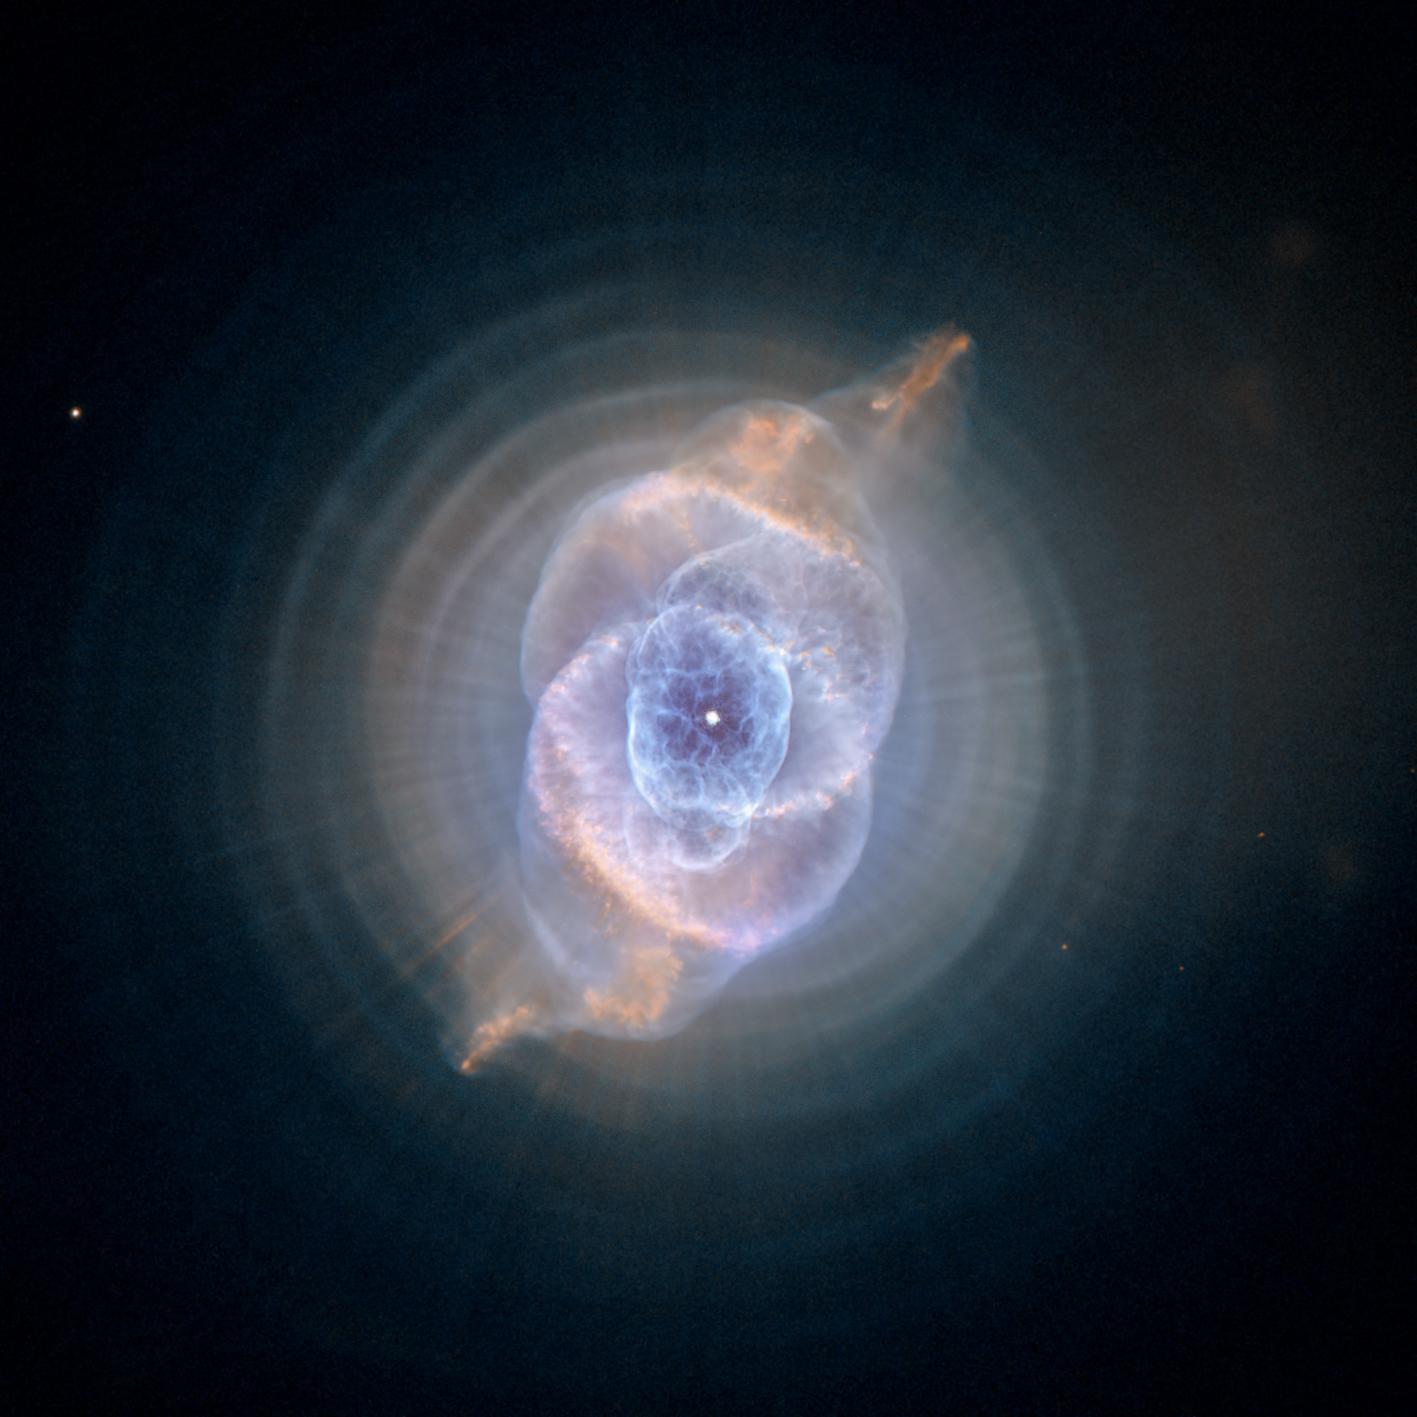 142177main_cats_eye_nebula_print.jpg